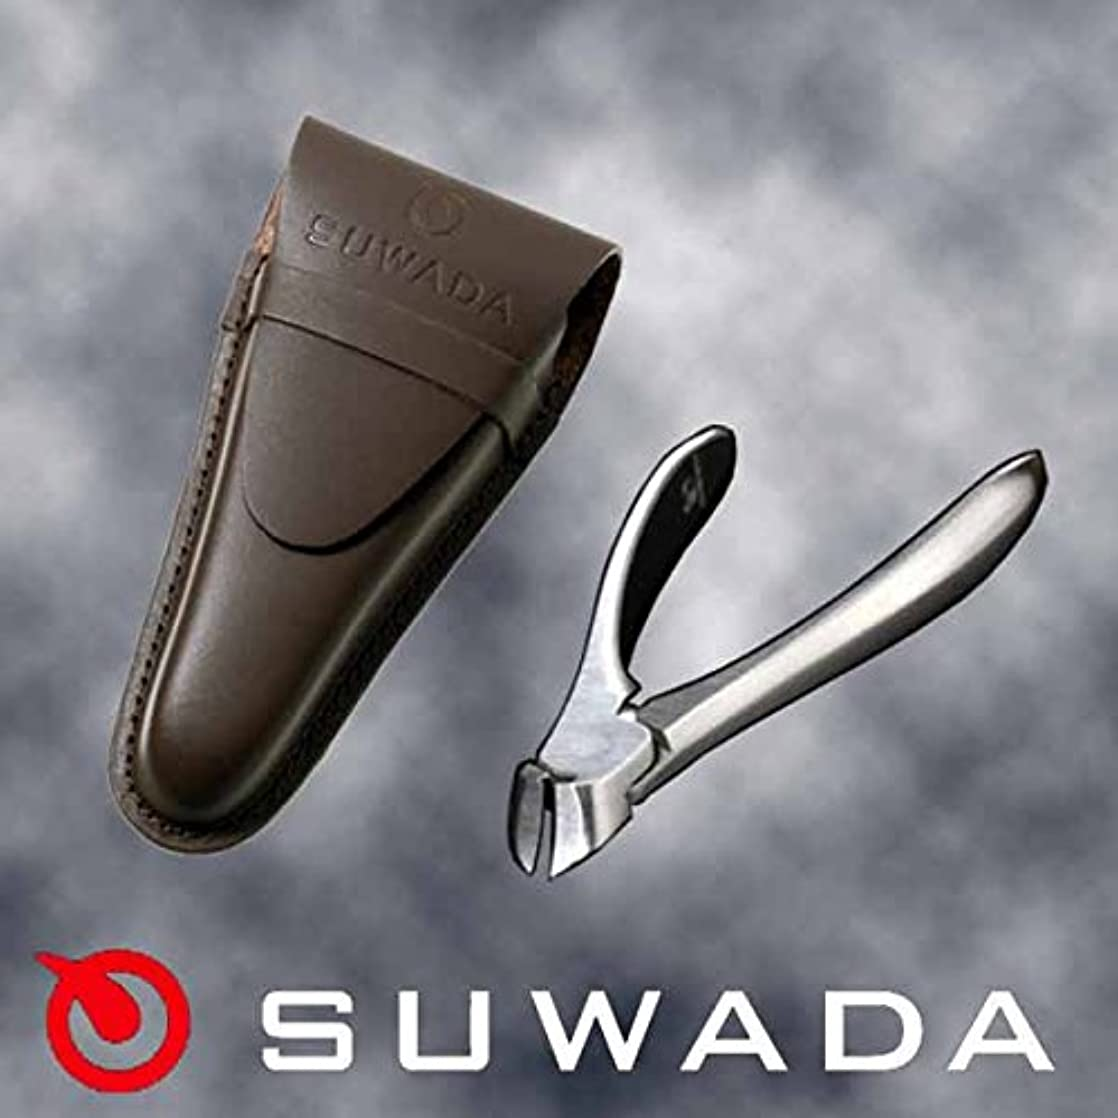 補償間違っているとらえどころのないSUWADA爪切りクラシックS&ブラウン(茶)革ケースセット 特注モデル 諏訪田製作所製 スワダの爪切り